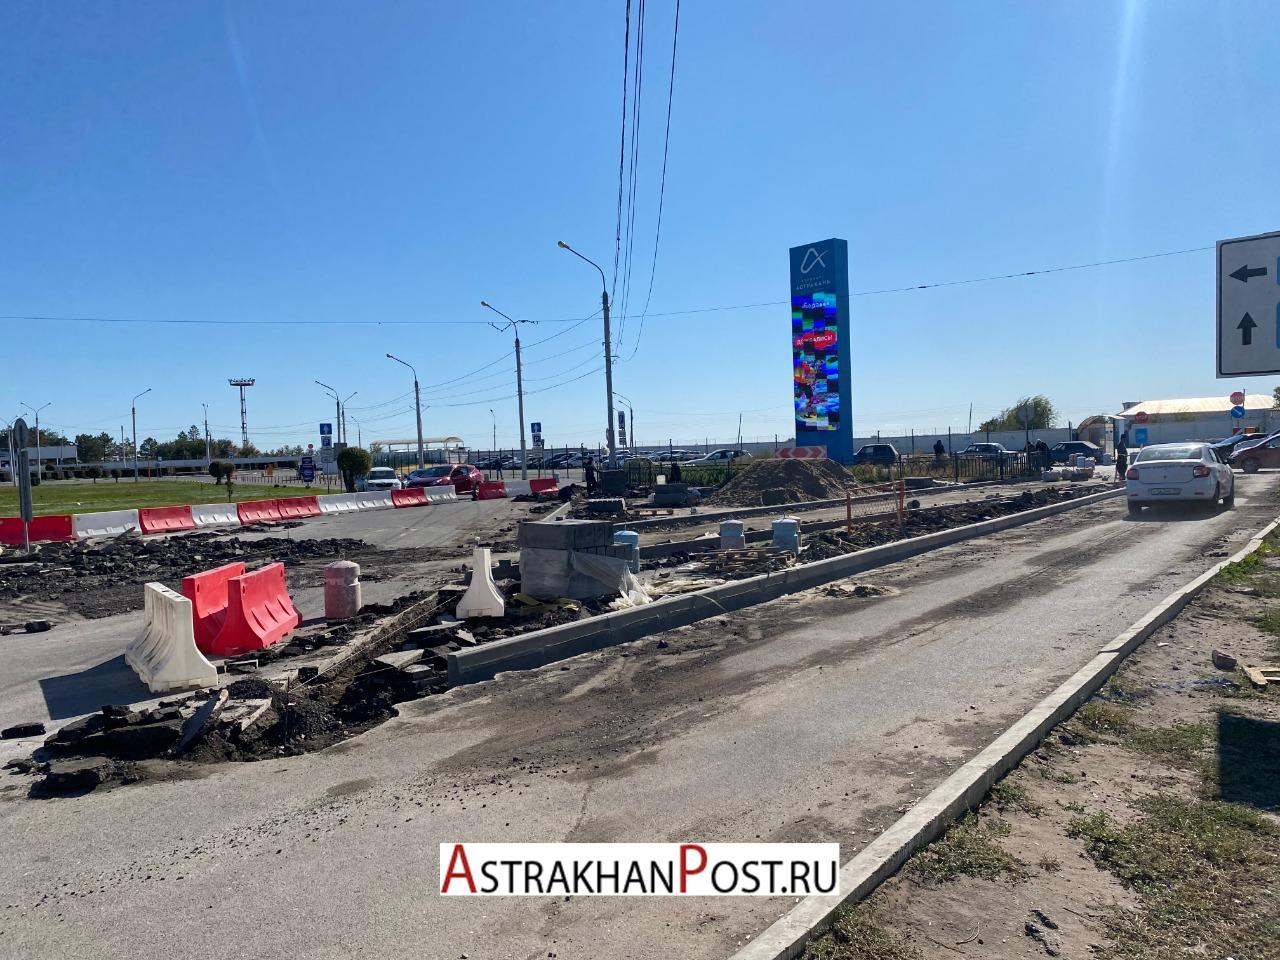 схема движения в Астрахани